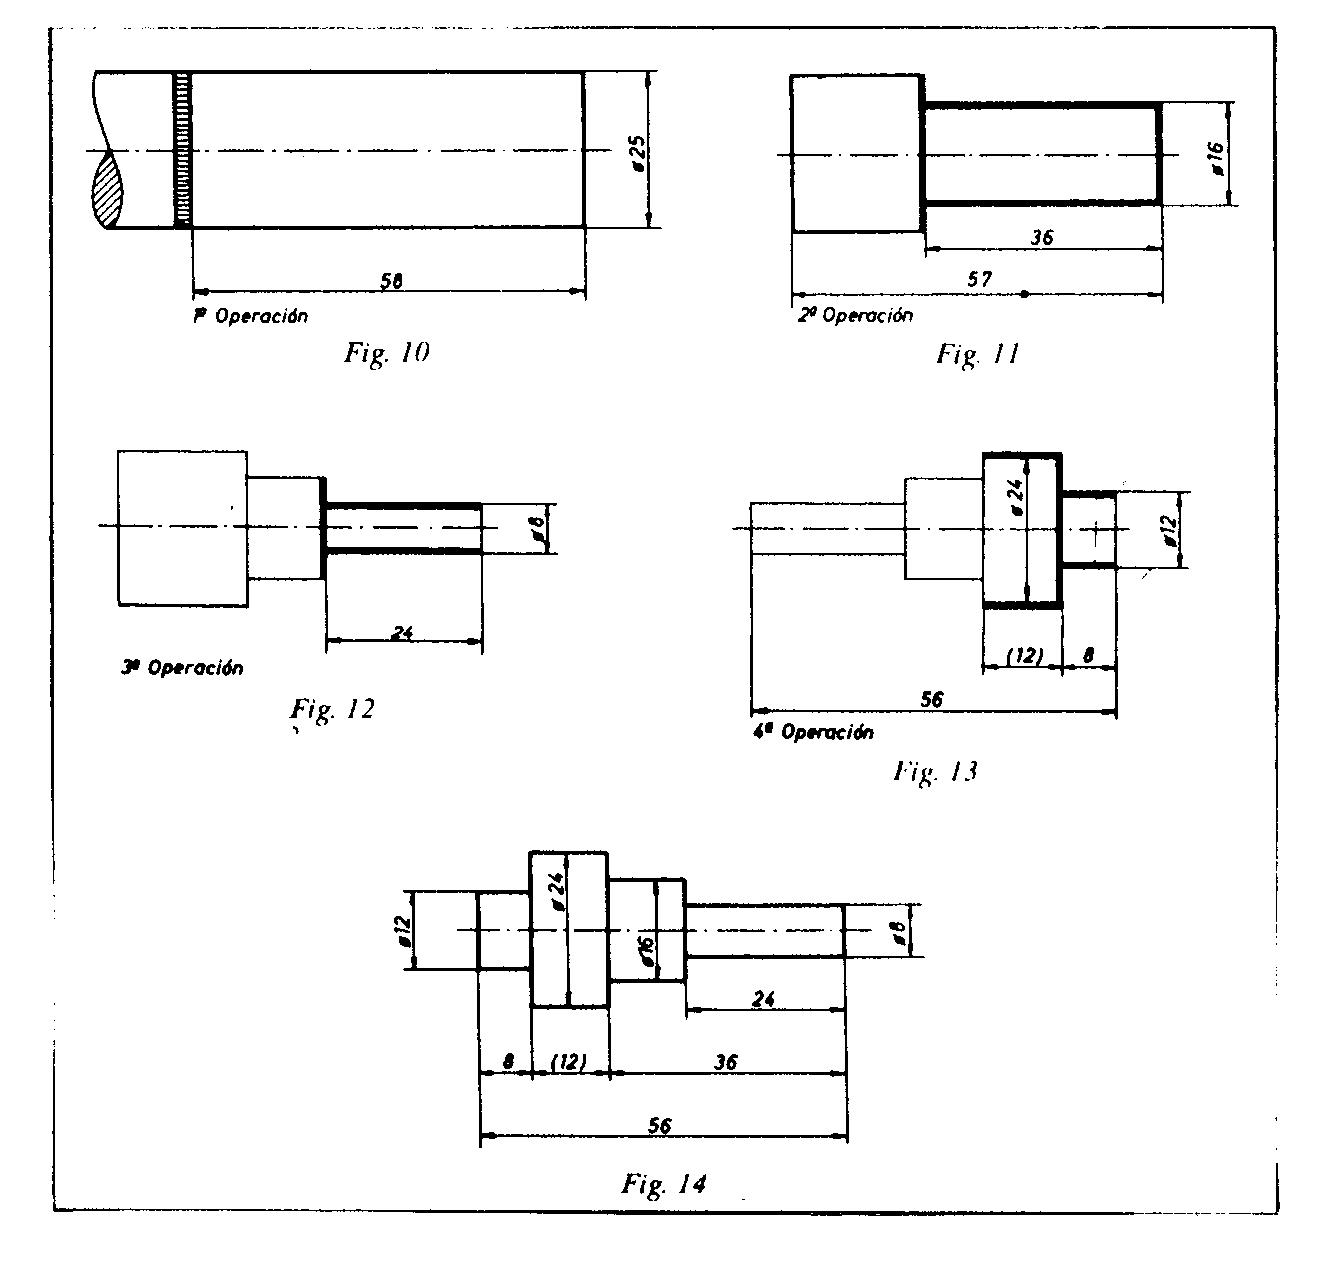 Glosario Dibujo Constructivo 2: Acotación